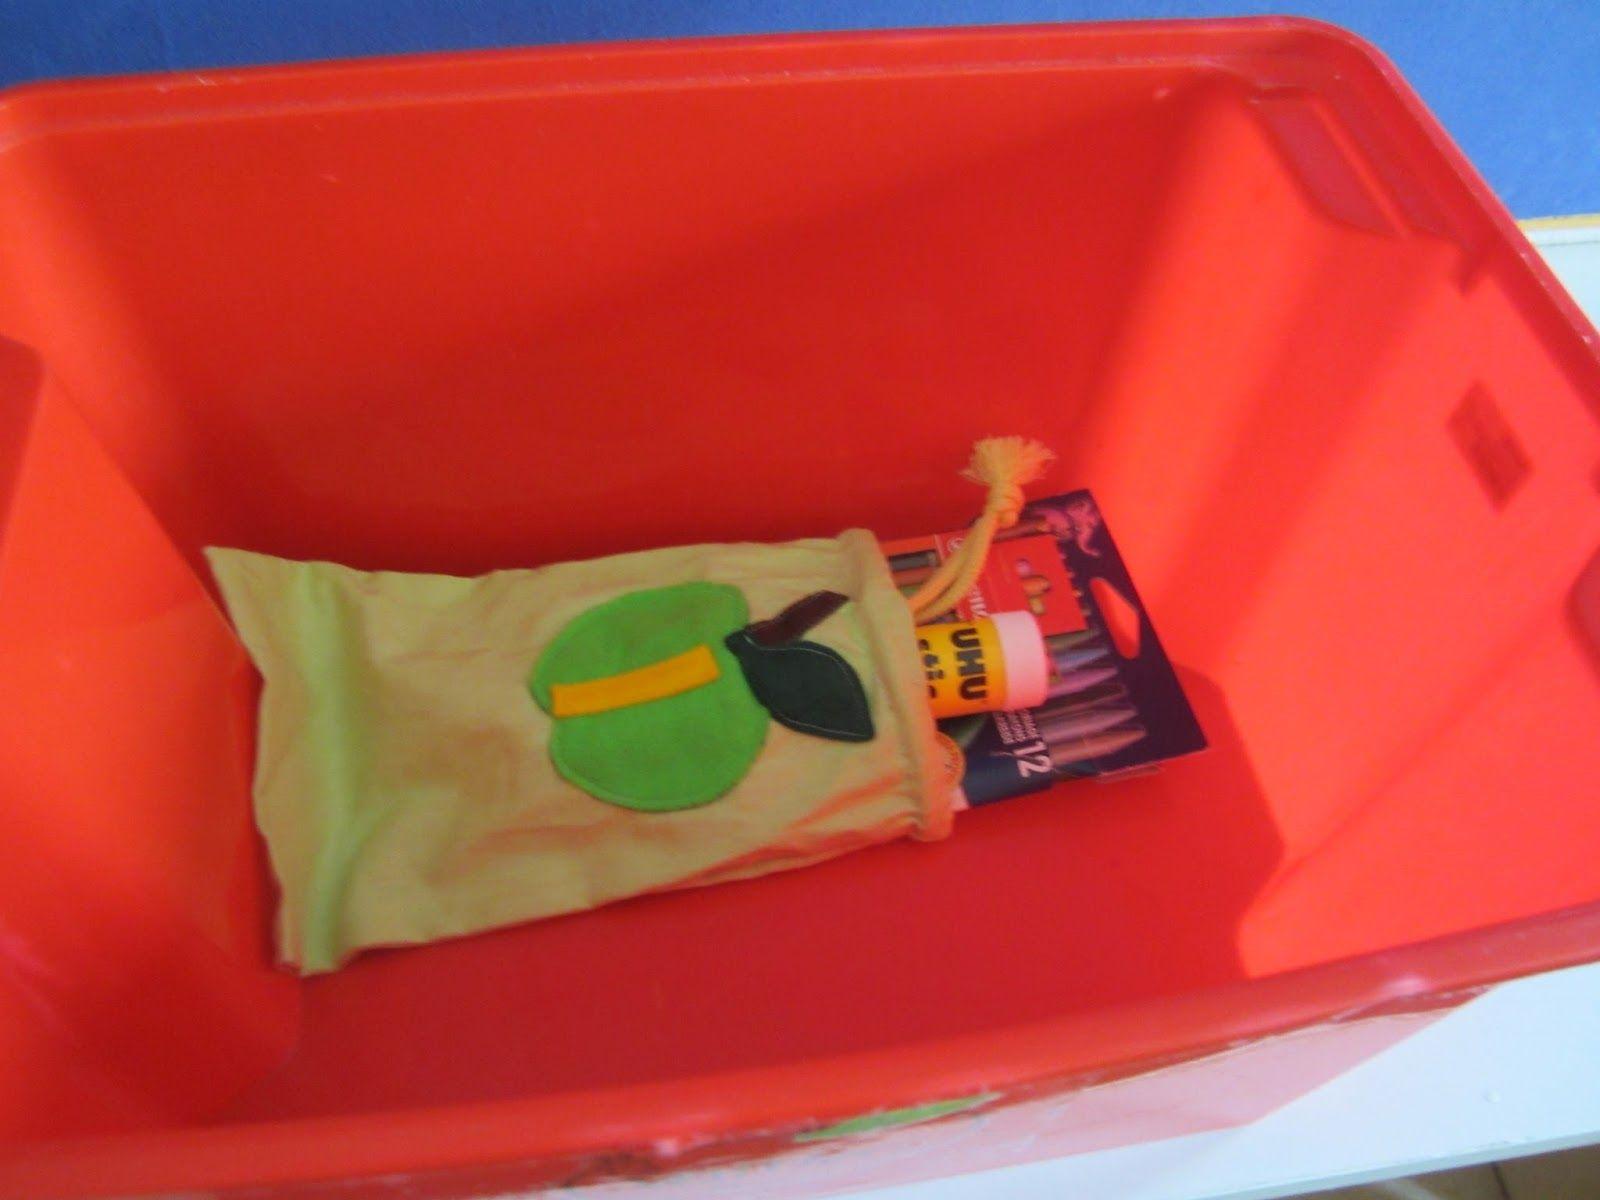 Jokaisella oppilaalla numeroidut pussit, joissa numeroidut välineet. Näin tavarat löytävät oikeille paikoilleen.